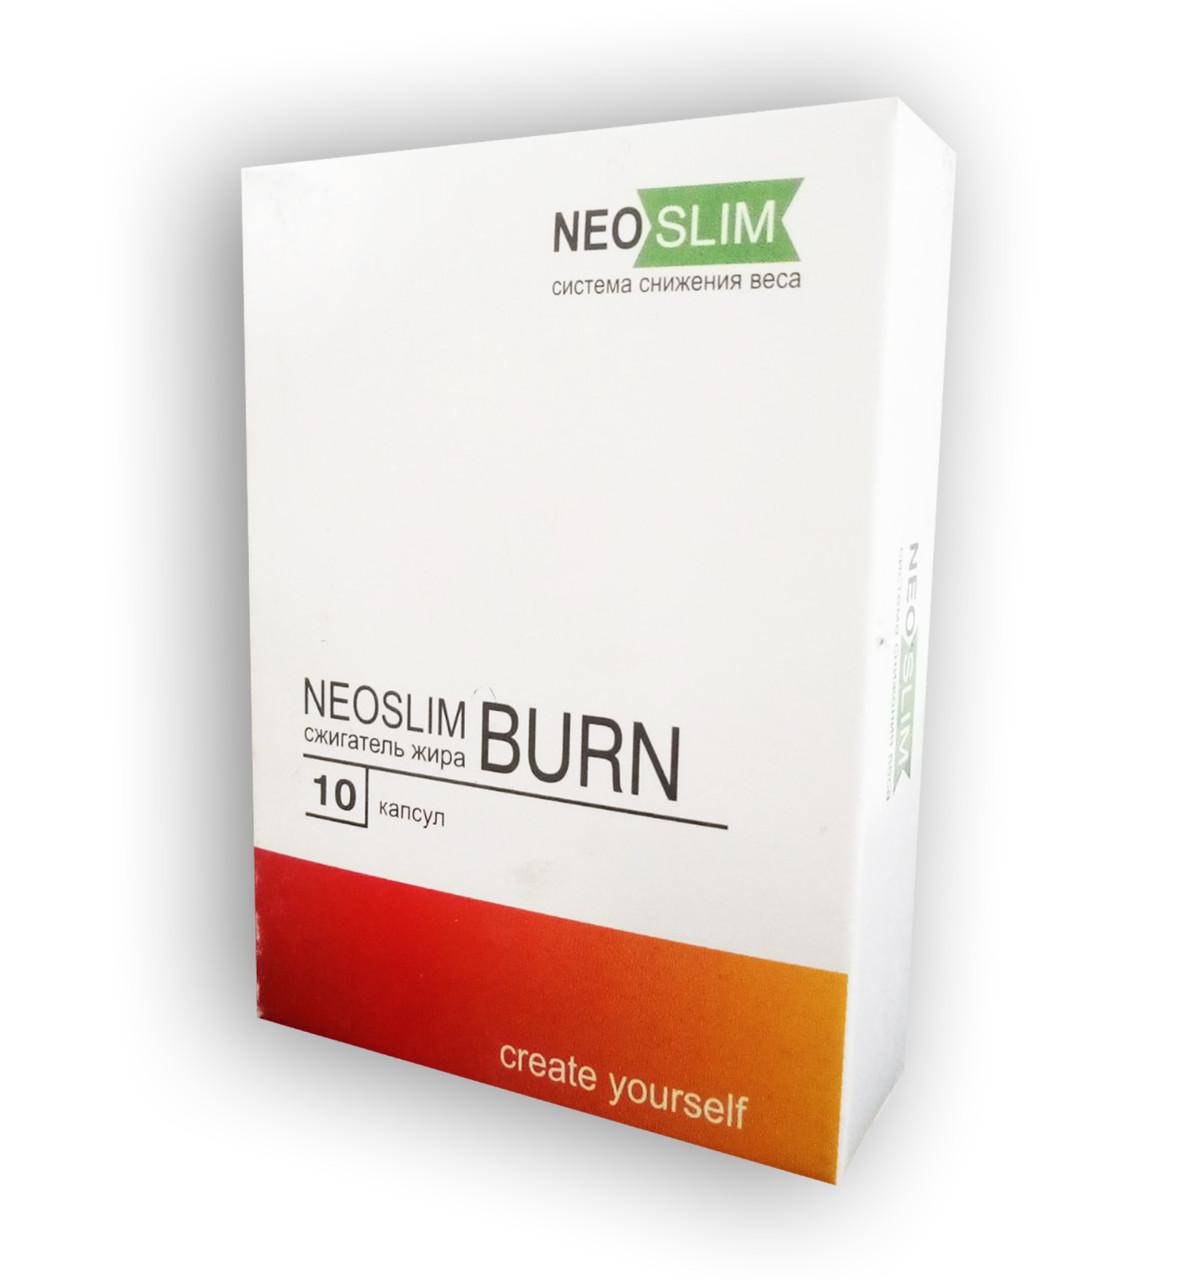 Neo Slim Burn - Комплекс для зниження ваги (Нео Слім Берн)